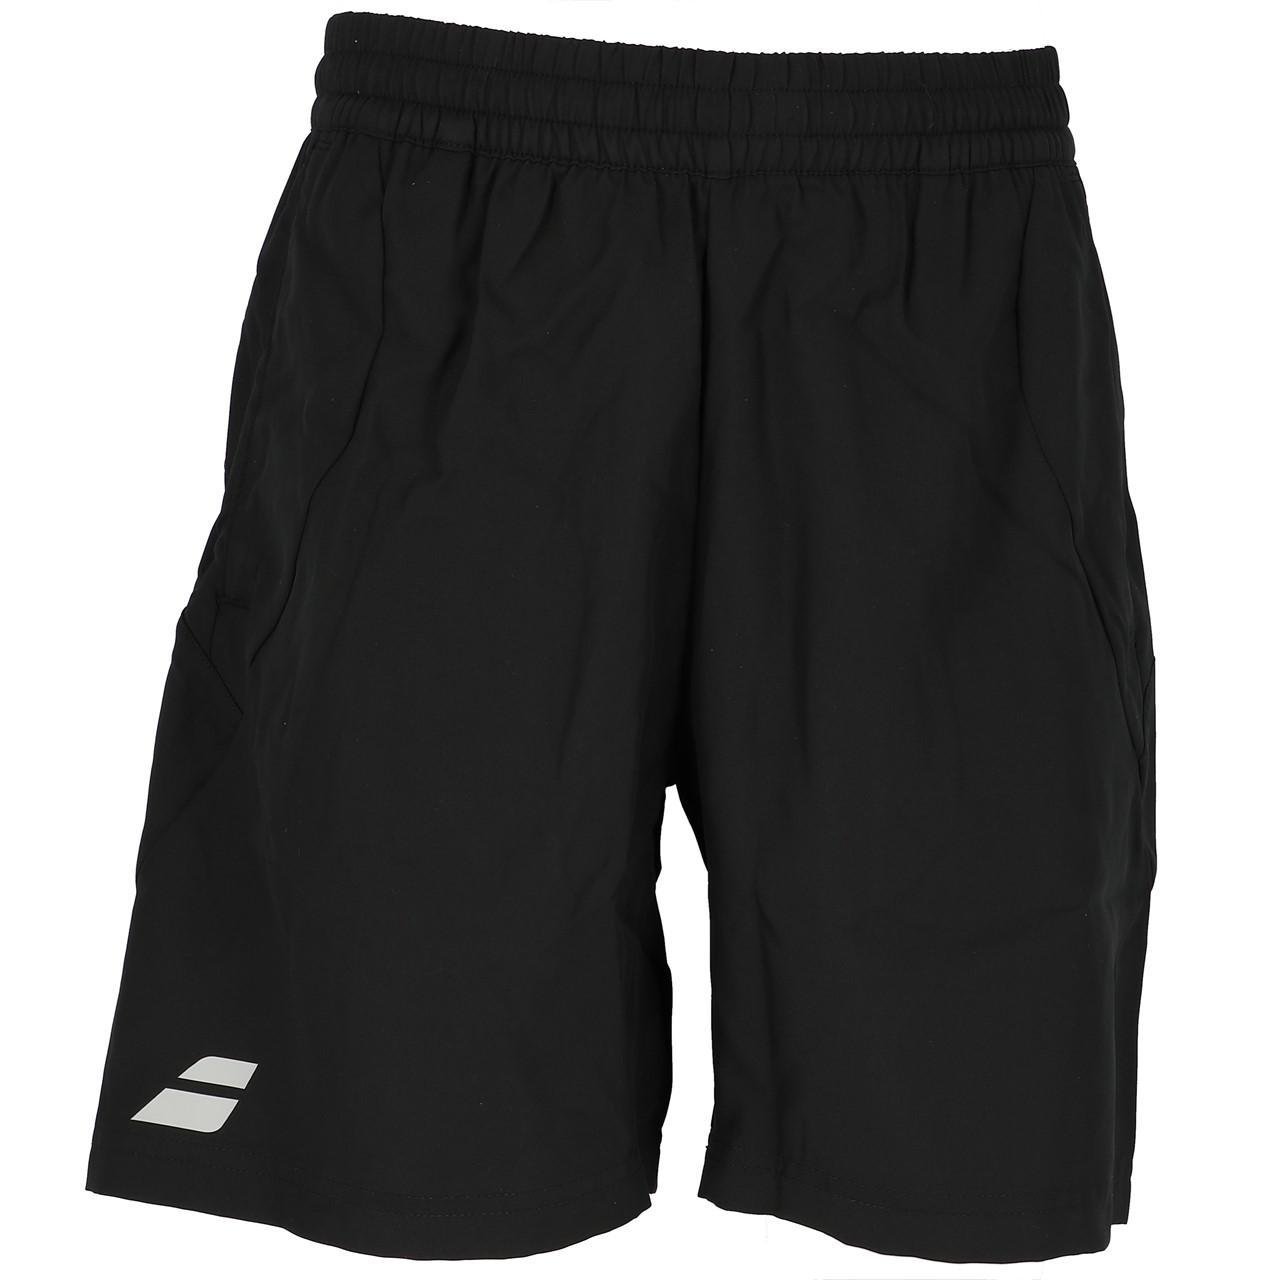 short-Tennis-Babolat-Core-Shorts-8-Men-Schwarz-Schwarz-71700-Neu